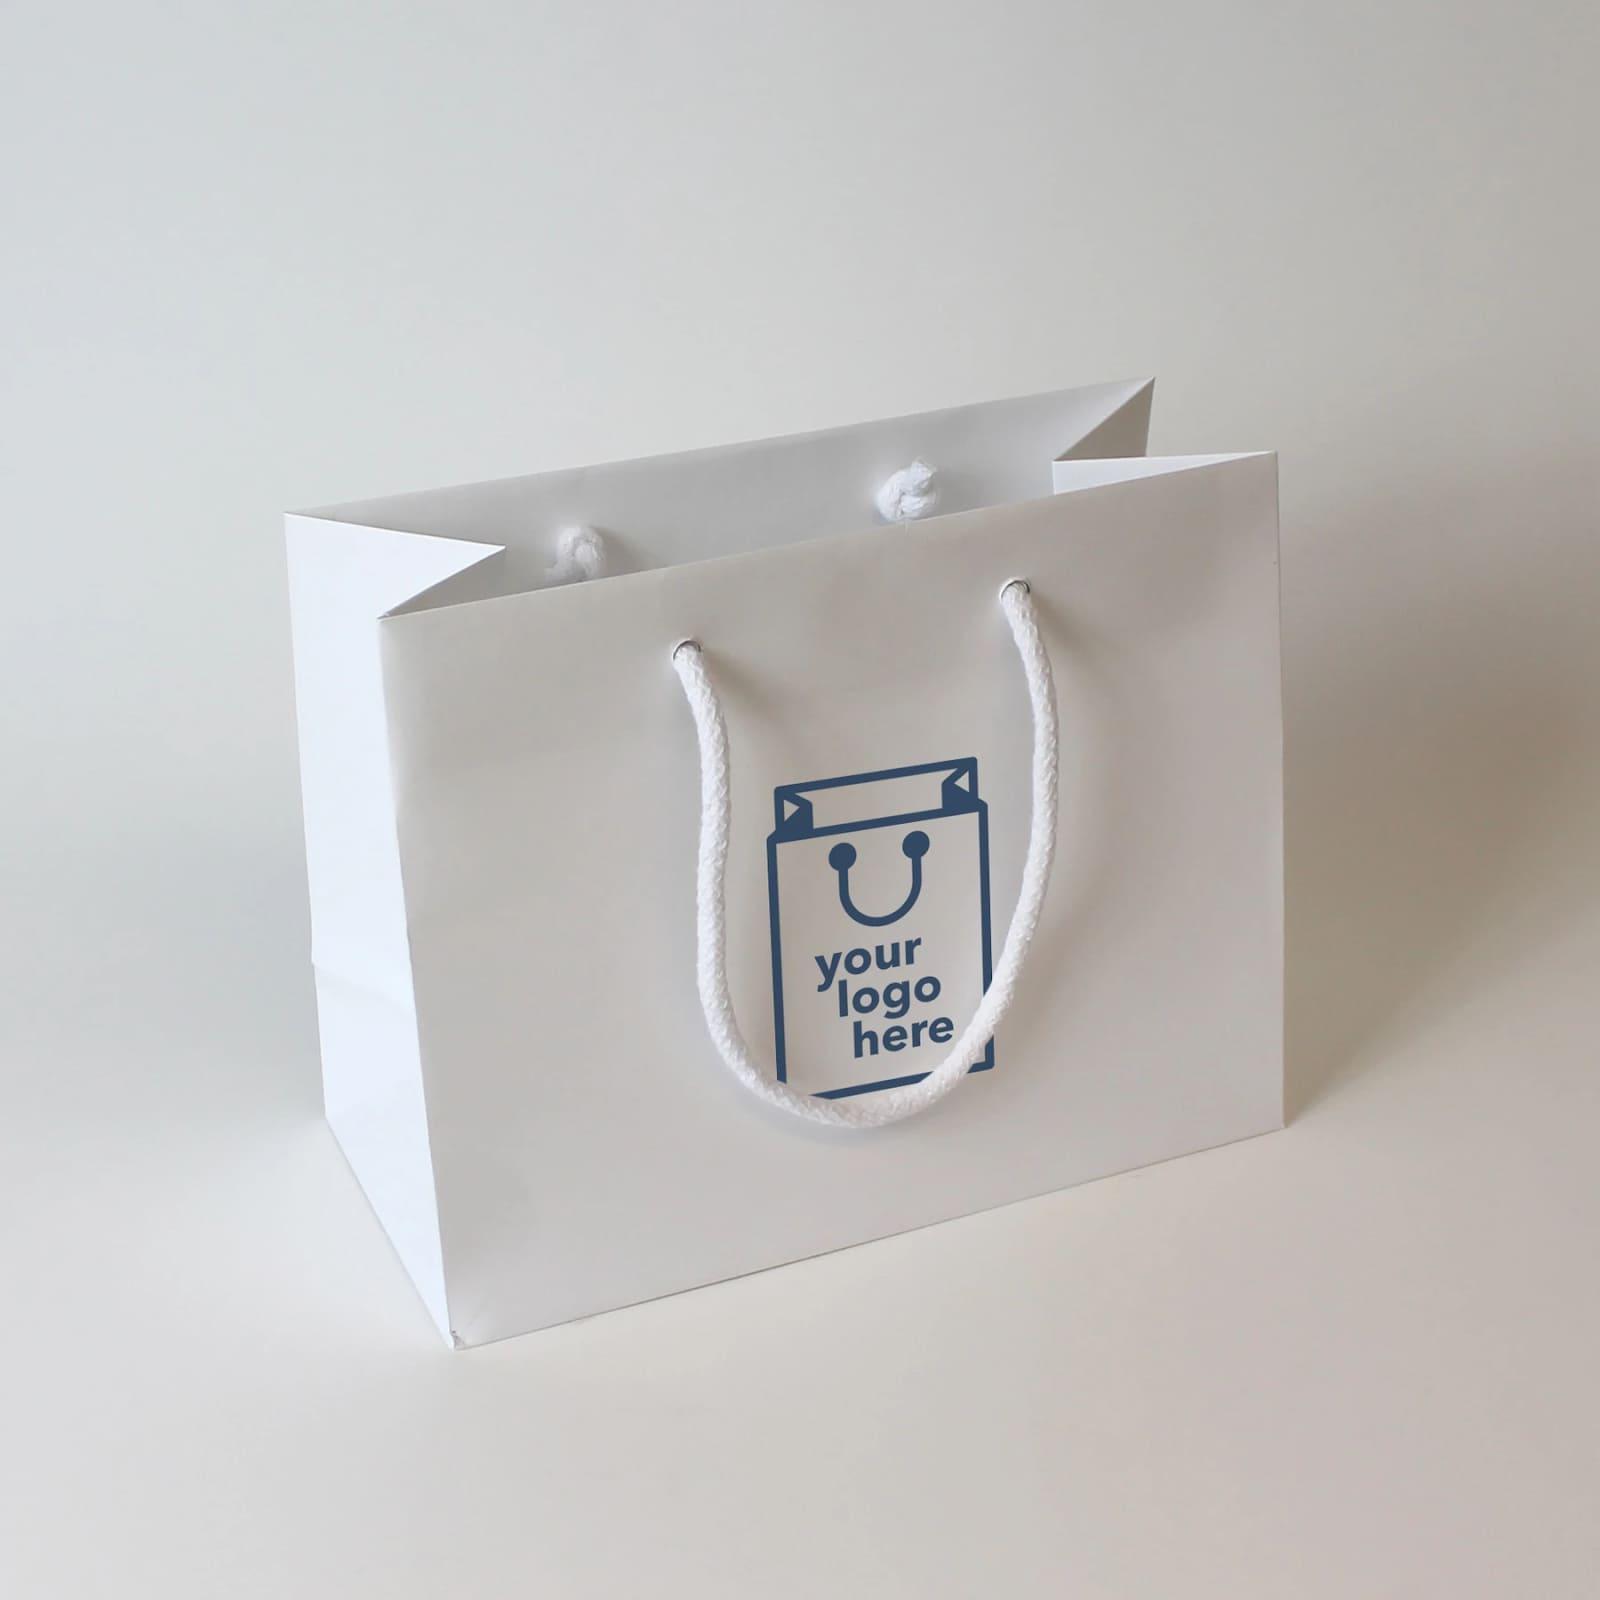 túi giấy thiết kế mẫu đơn giản